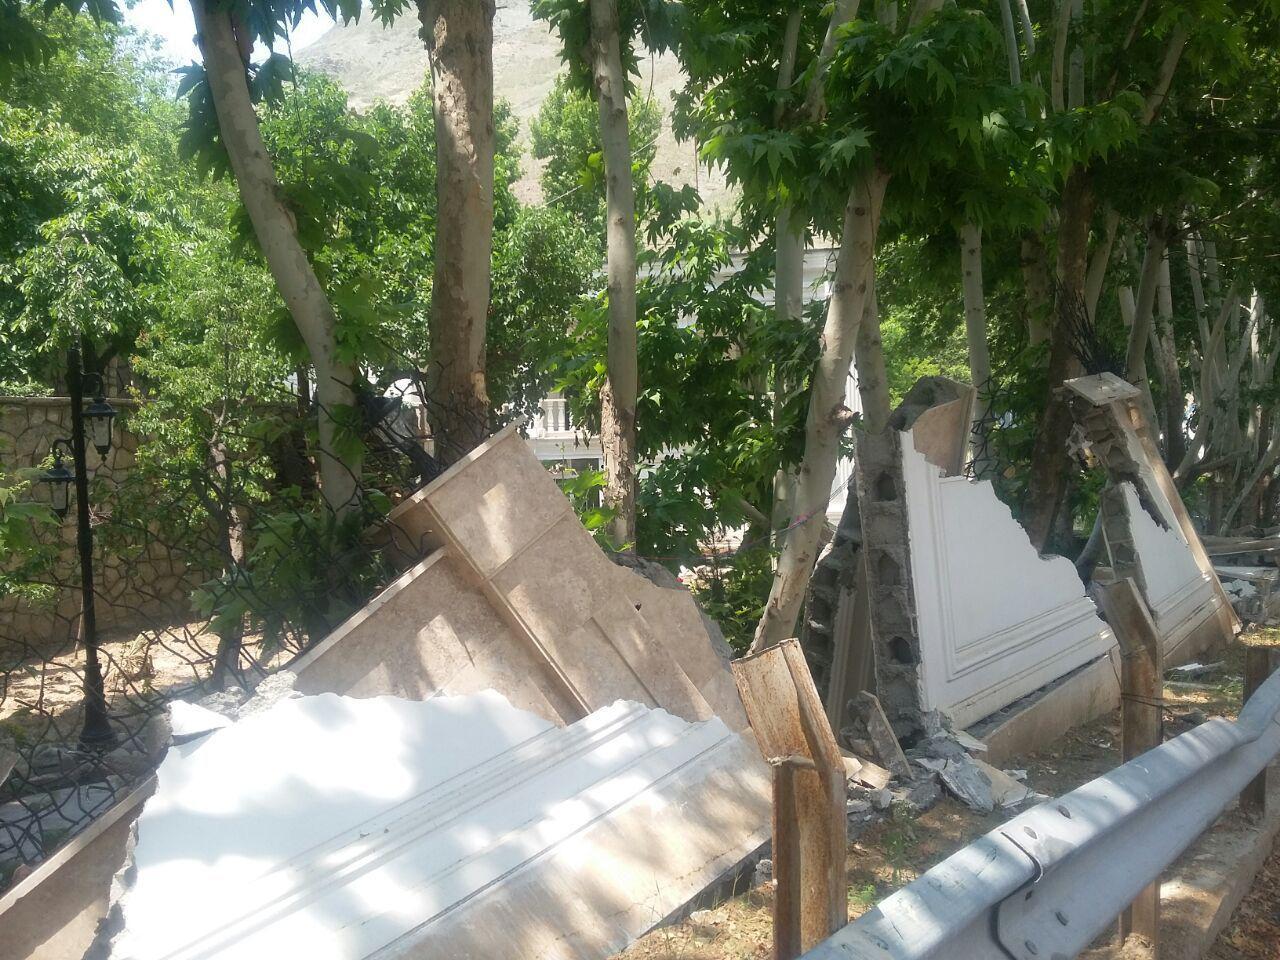 قوانین ساخت و ساز غیر مجاز ساخت و سازهای غیرمجاز تخریب ویلا غیرمجاز اخبار کرج